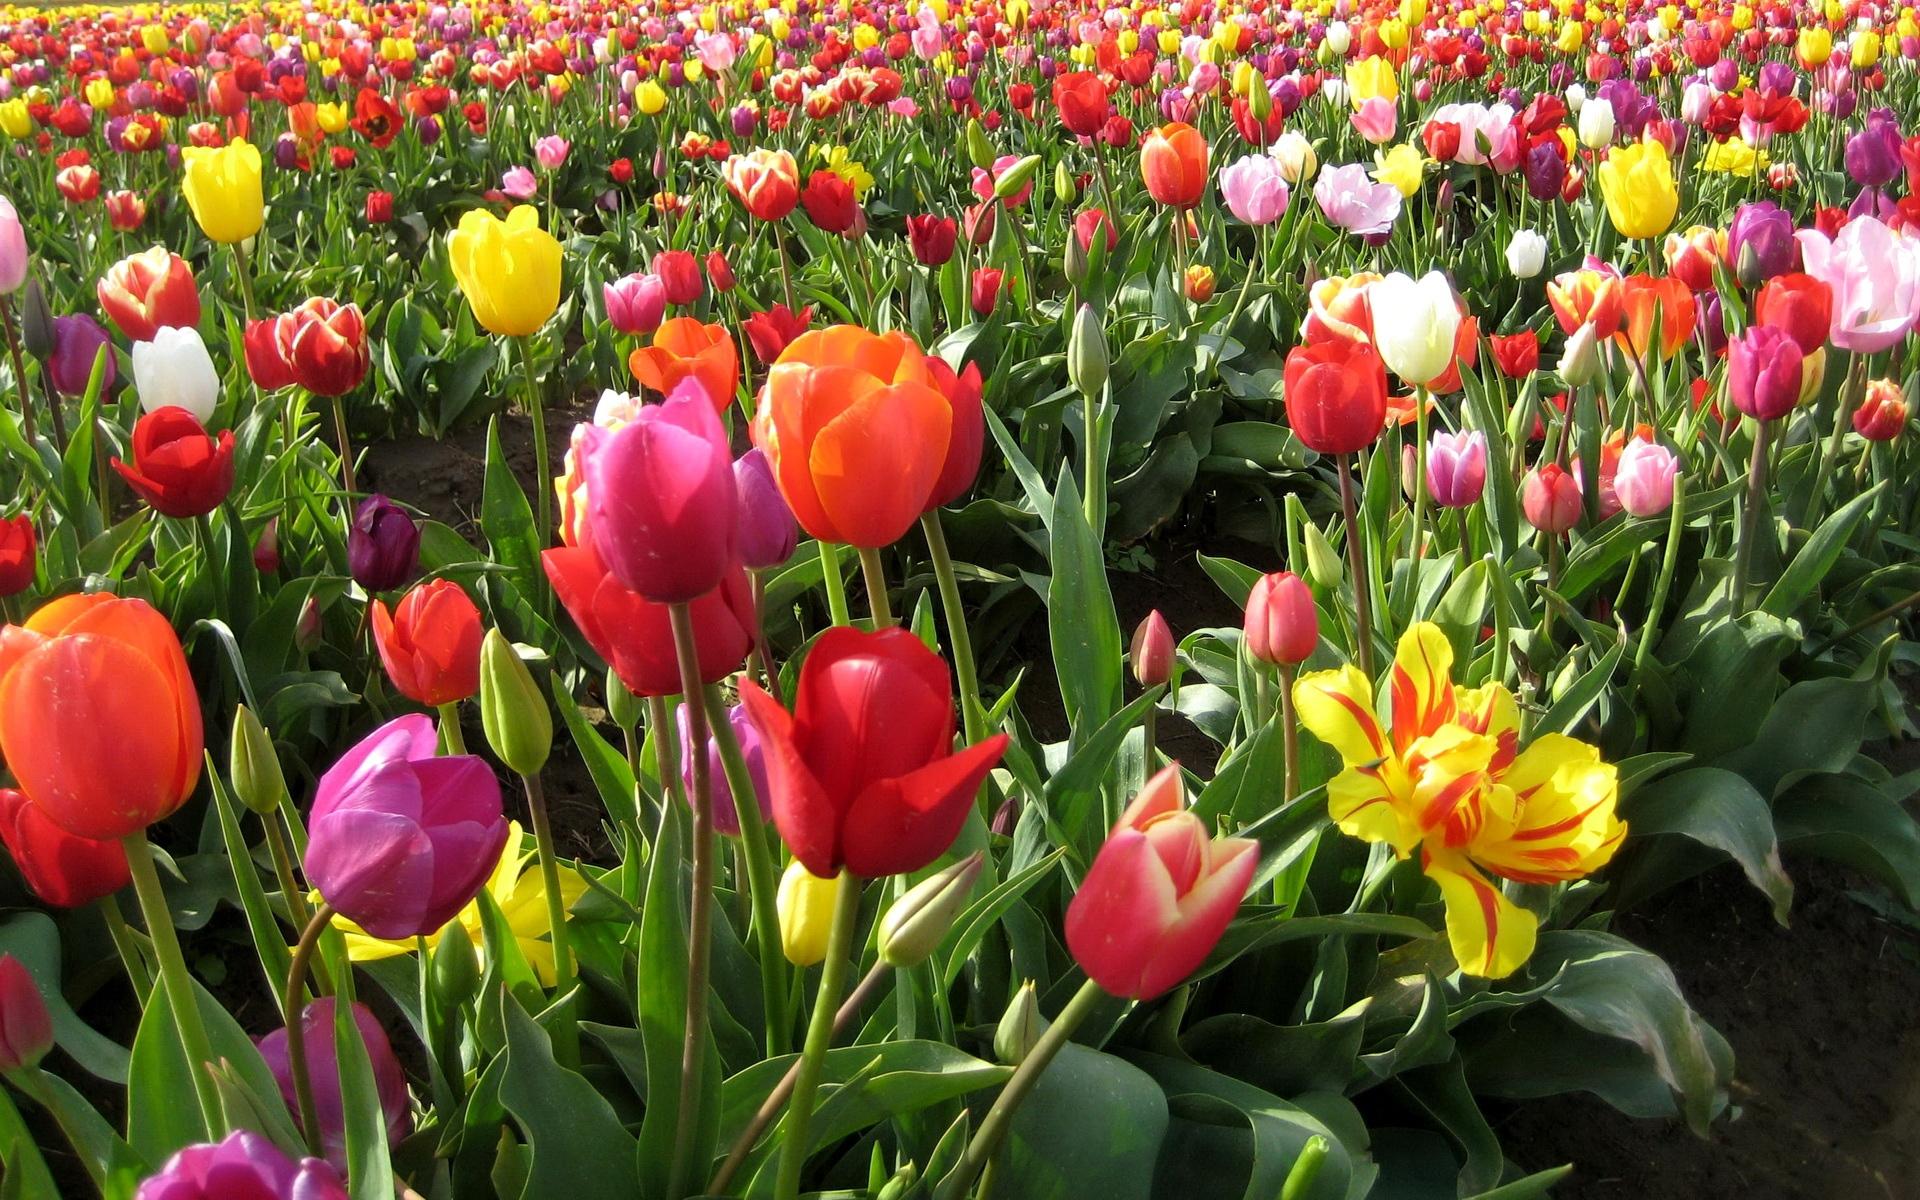 Ảnh đẹp nhất về hoa Tulip